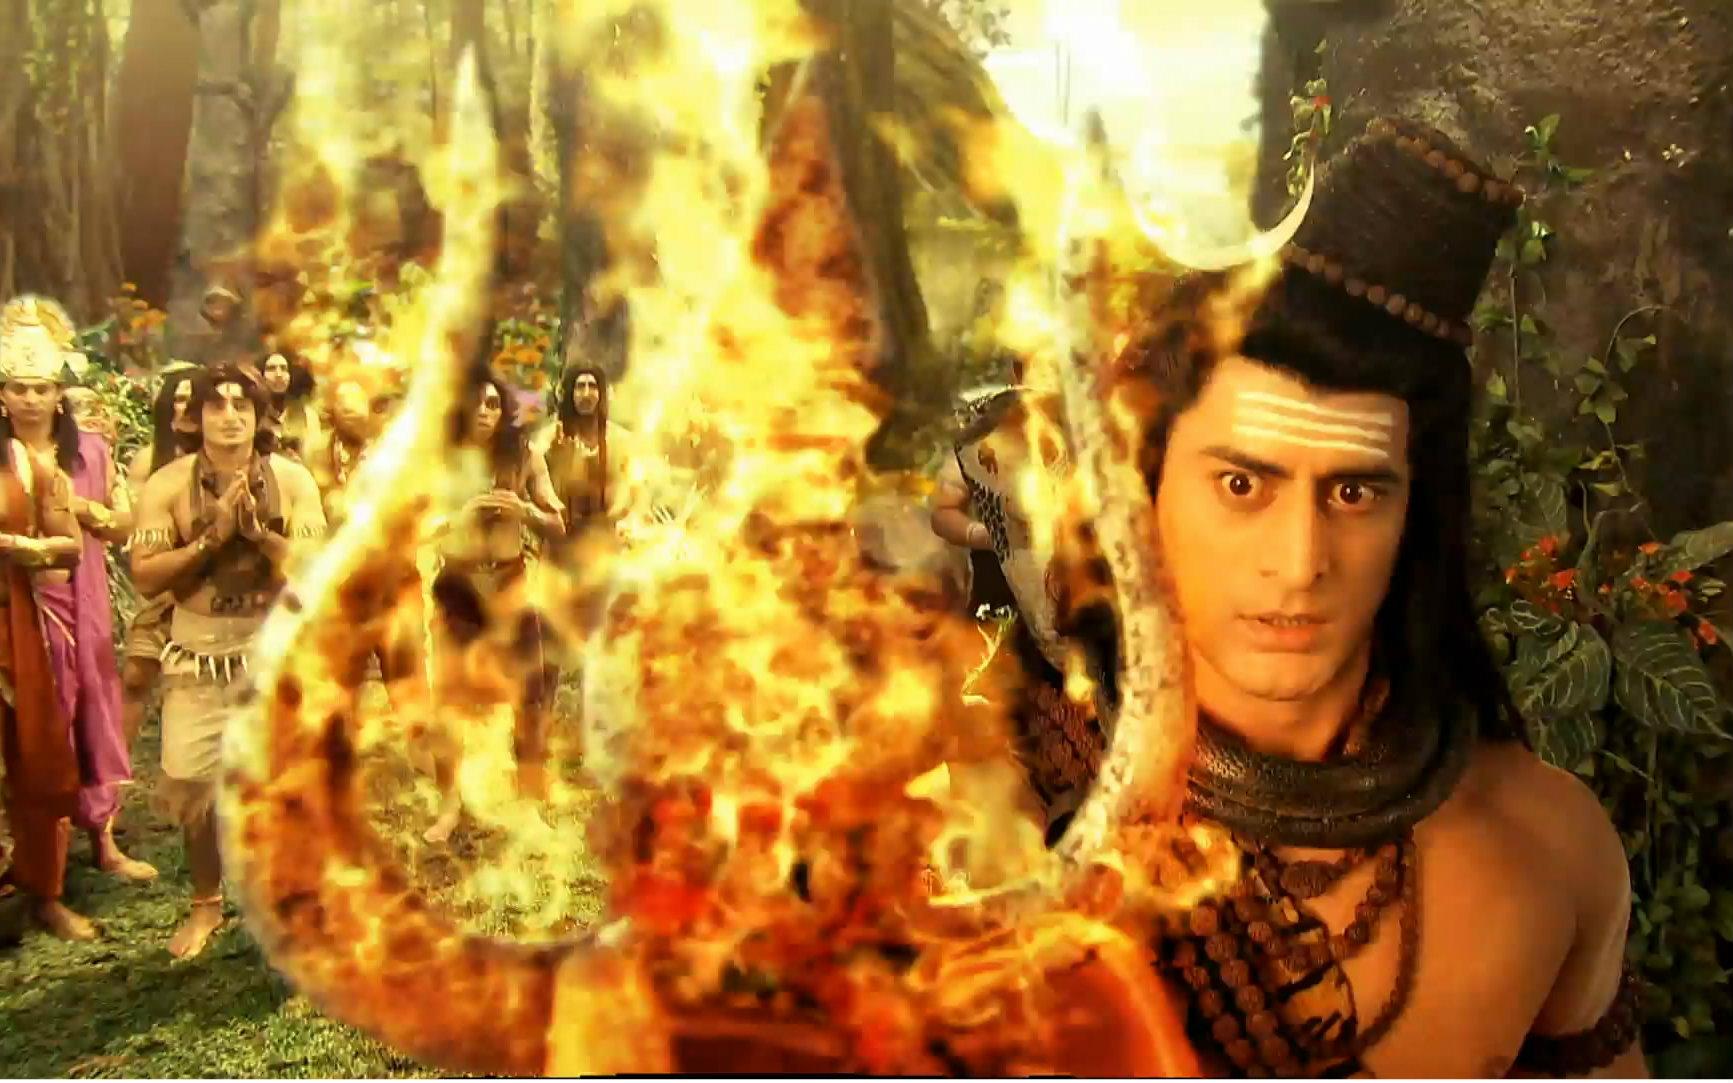 【印度神话剧dkdm】众神之神 tv284~286(林伽字幕组)图片